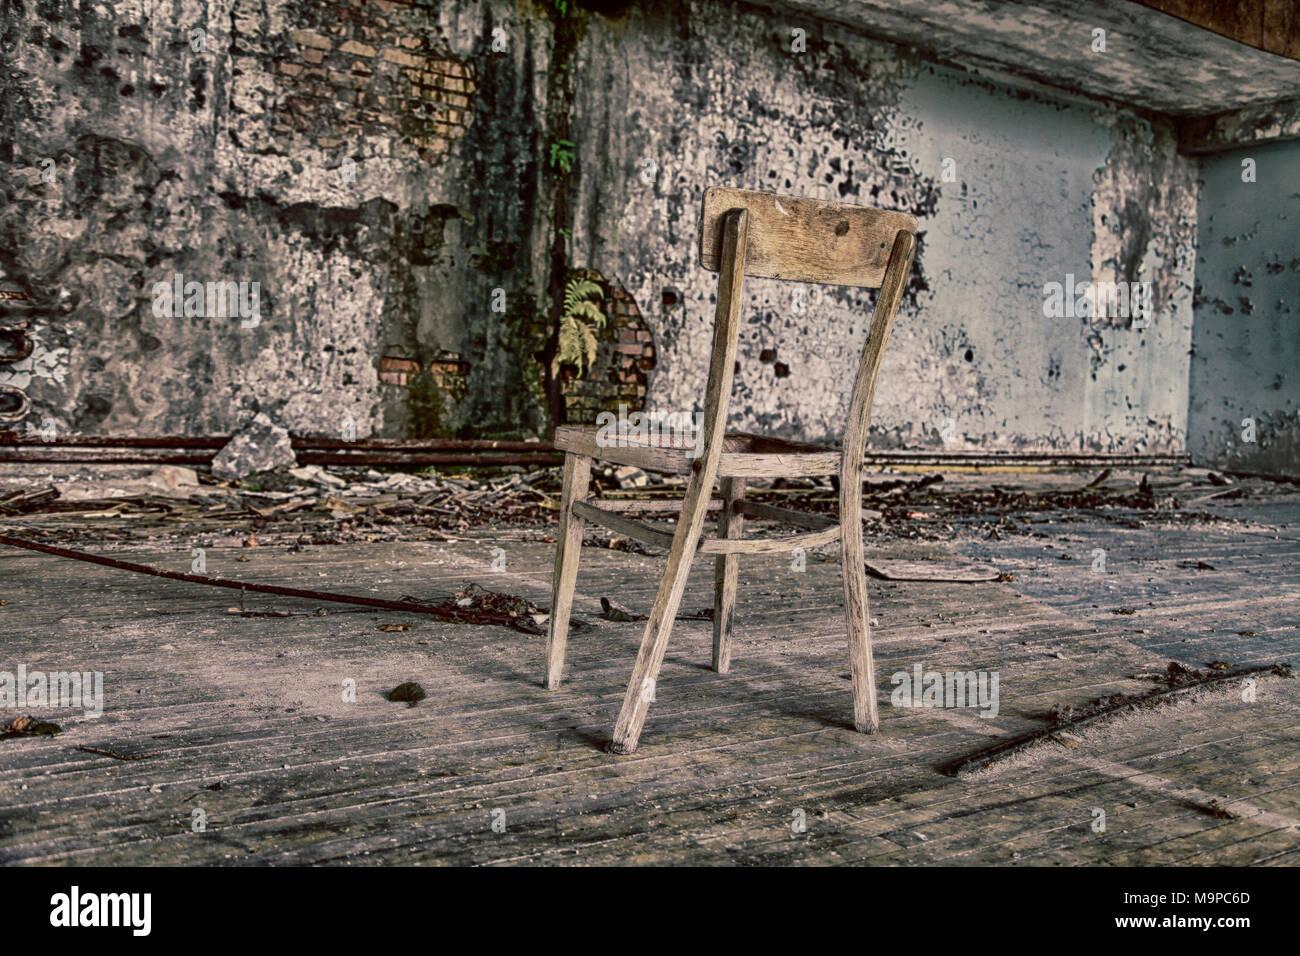 Fantasma Sulla Sedia A Dondolo.Sedia In Edificio Distrutto Citta Fantasma Prypyat Nella Regione